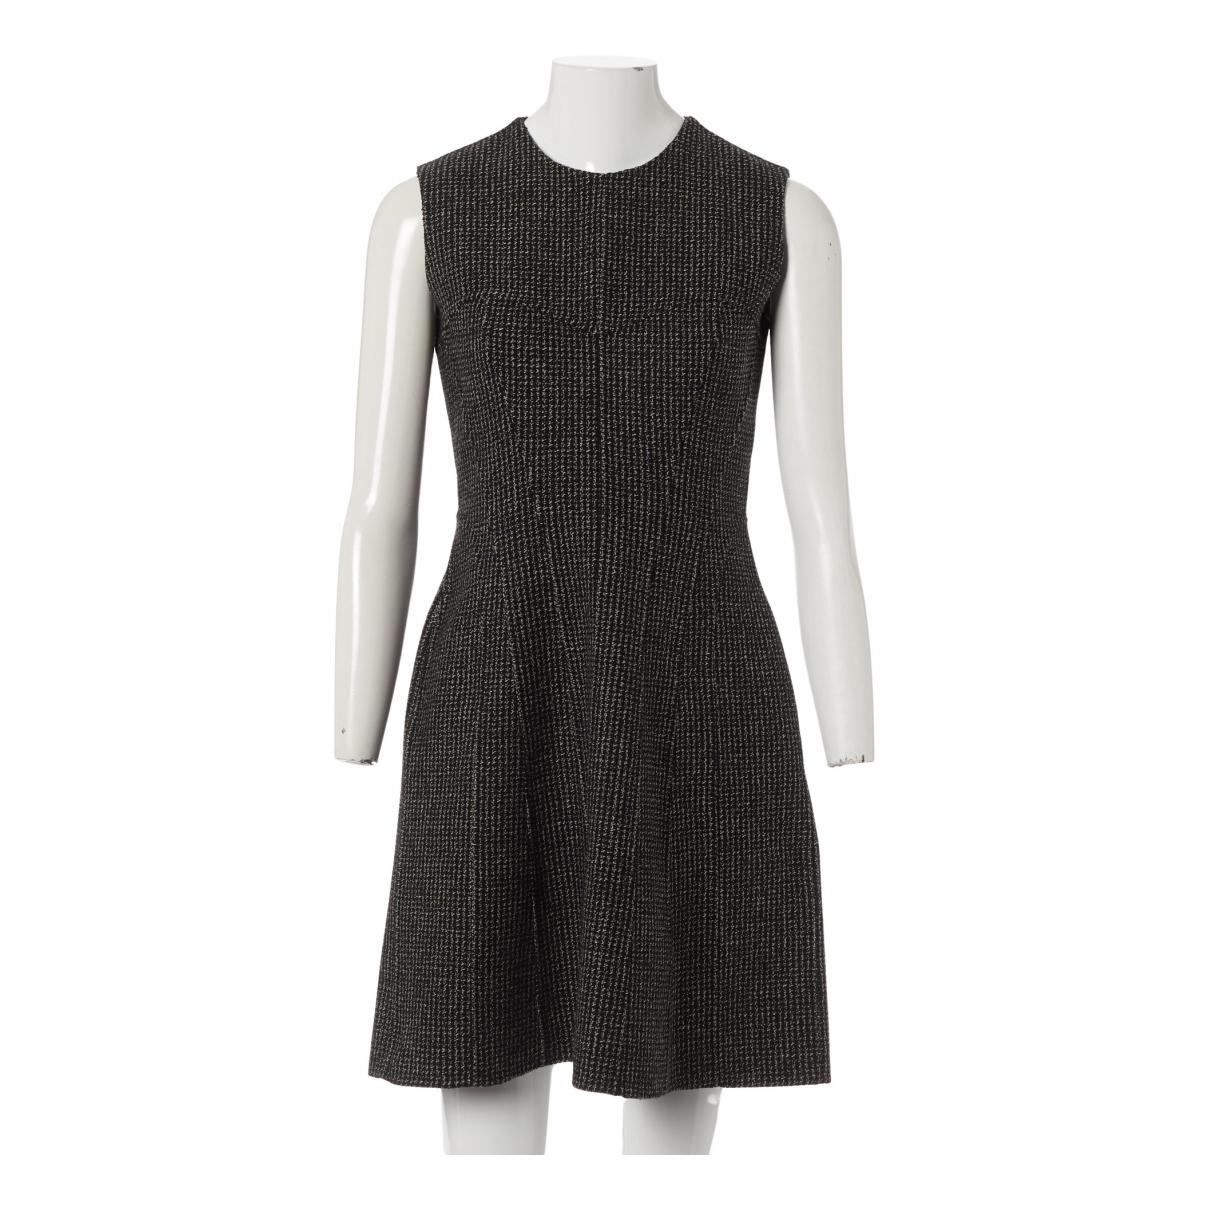 Christian Dior \N Kleid in  Grau Wolle